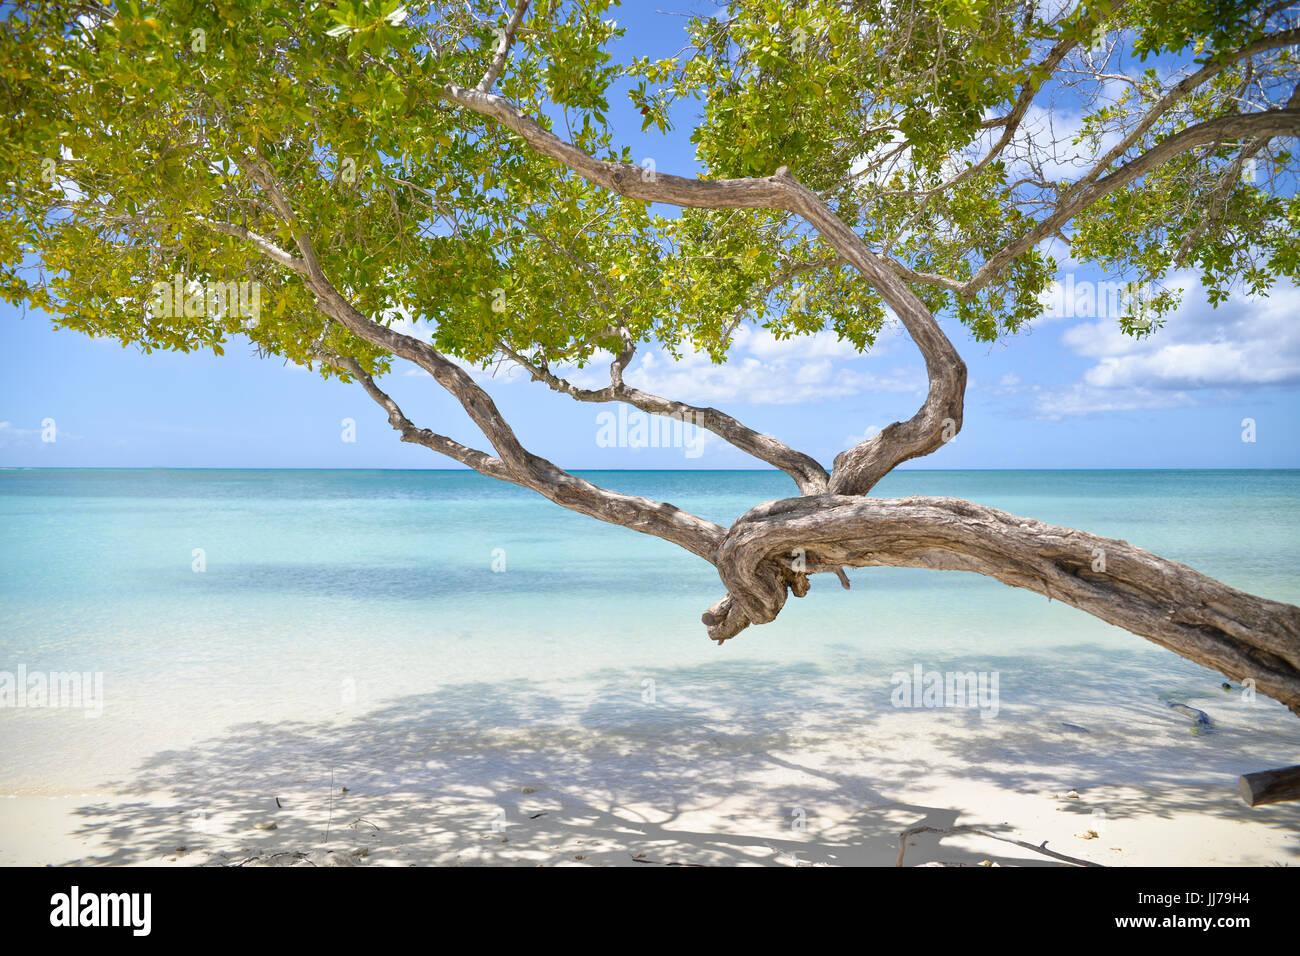 Blick auf das Meer mit Baum am Strand in Aruba, Karibik Stockbild